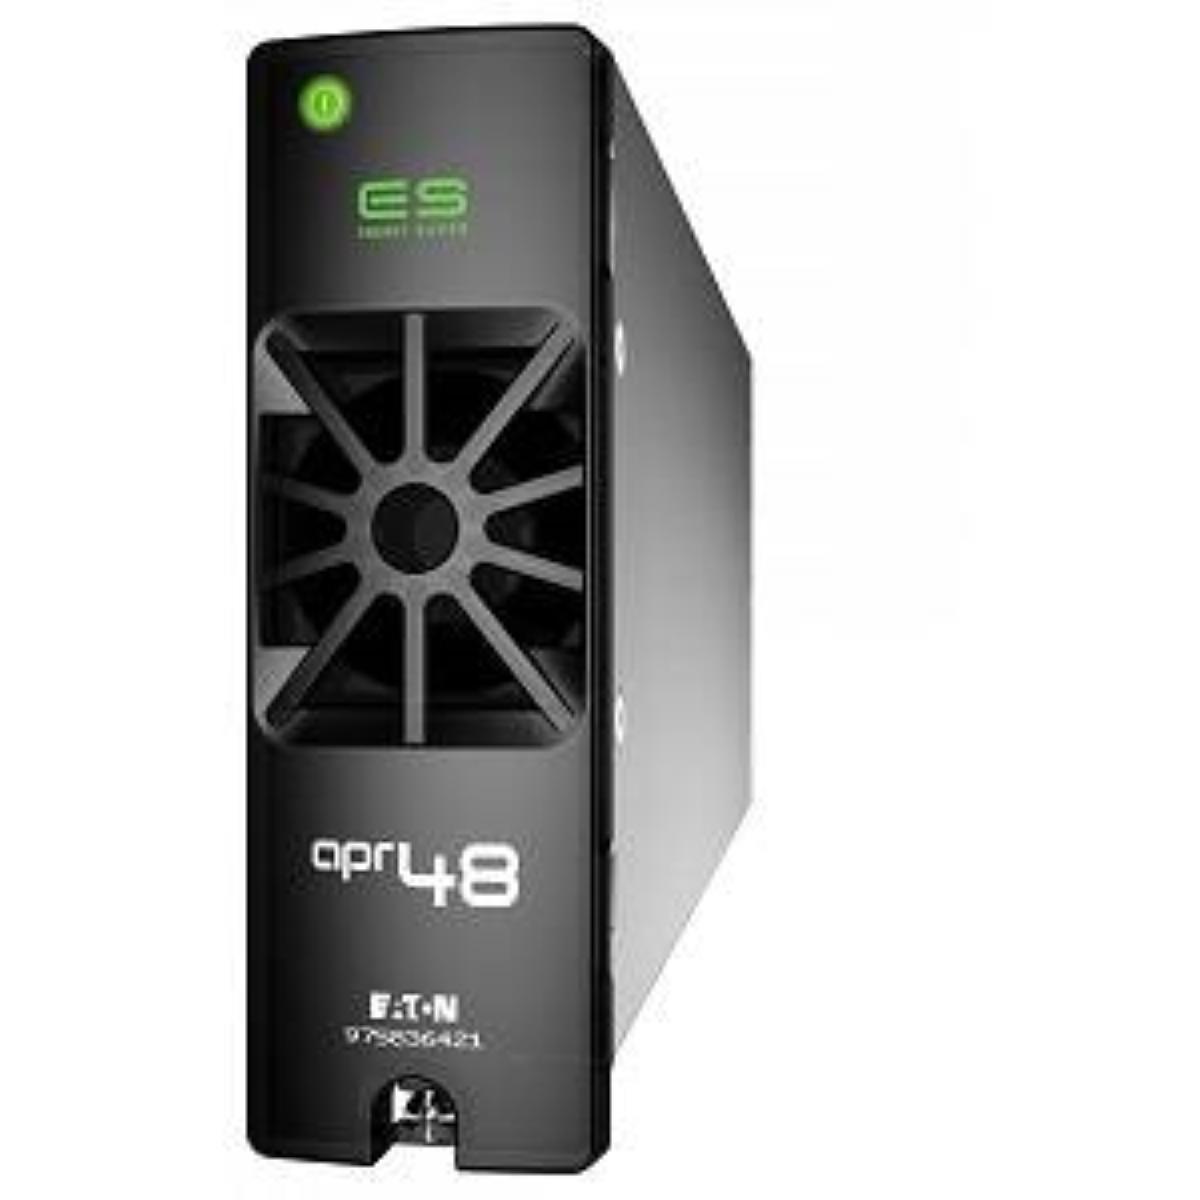 Eaton APR48-3G Modulo rectificador